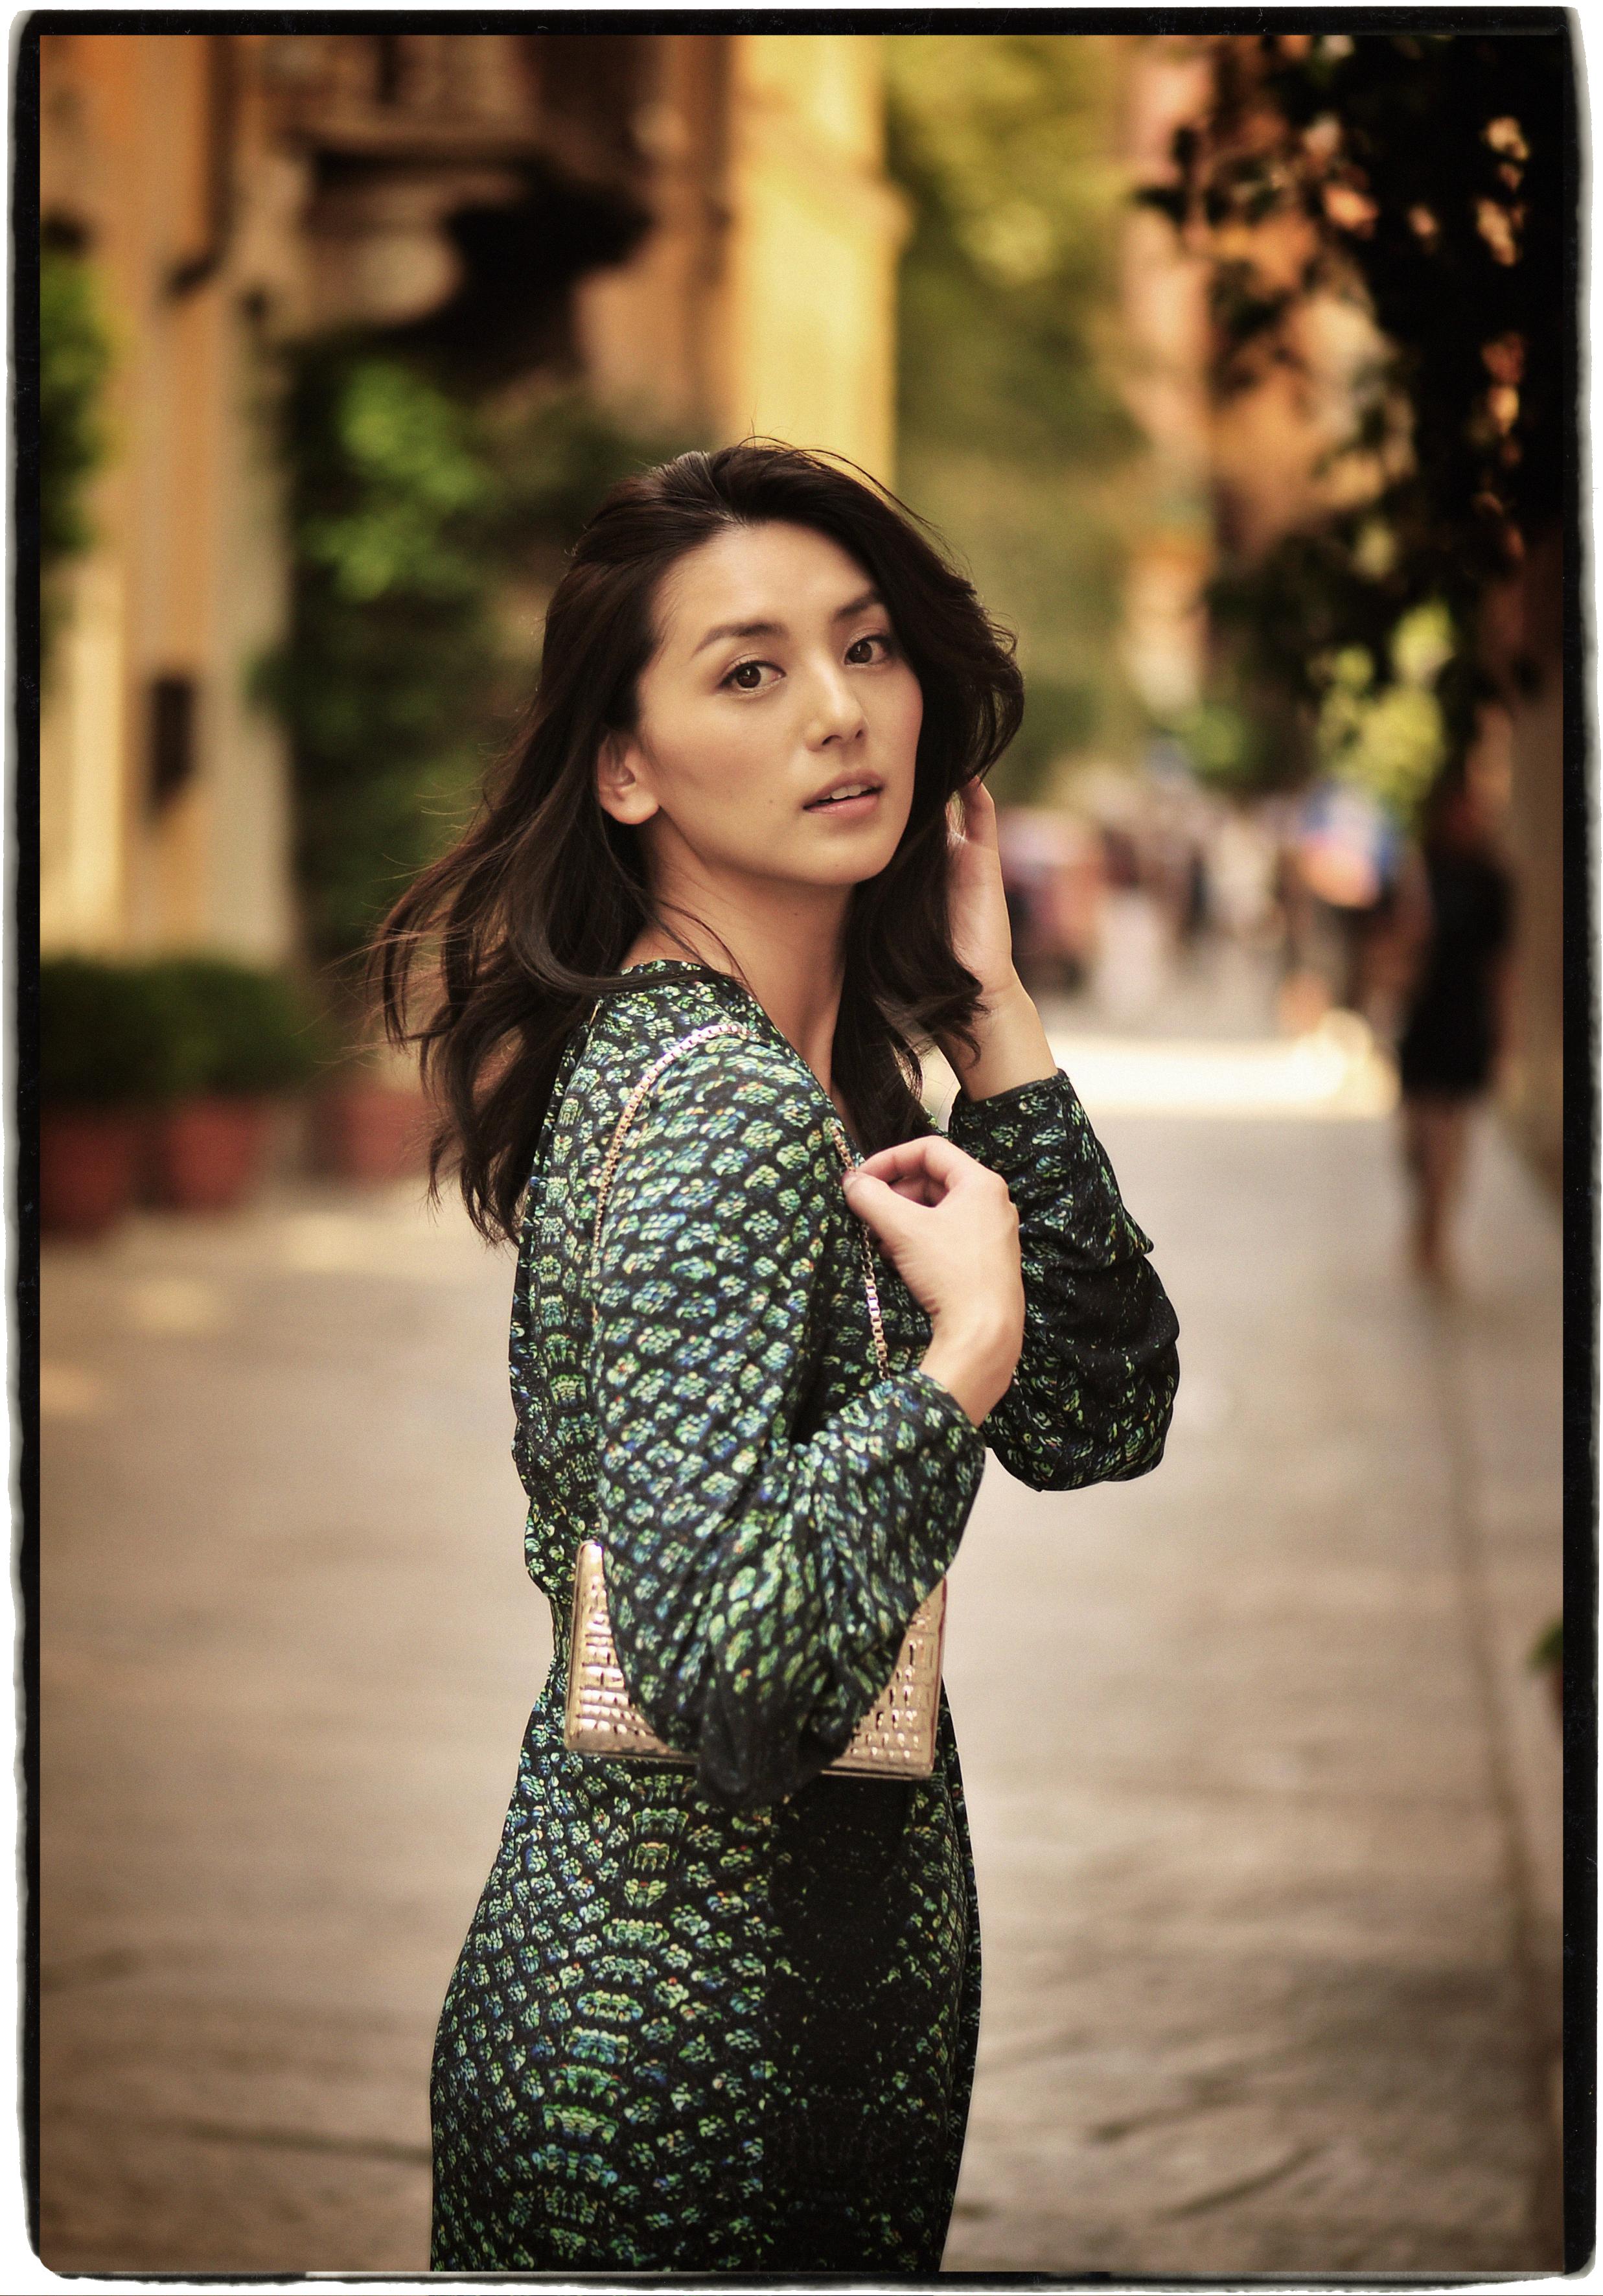 Sayo Aizawa, Japanese model